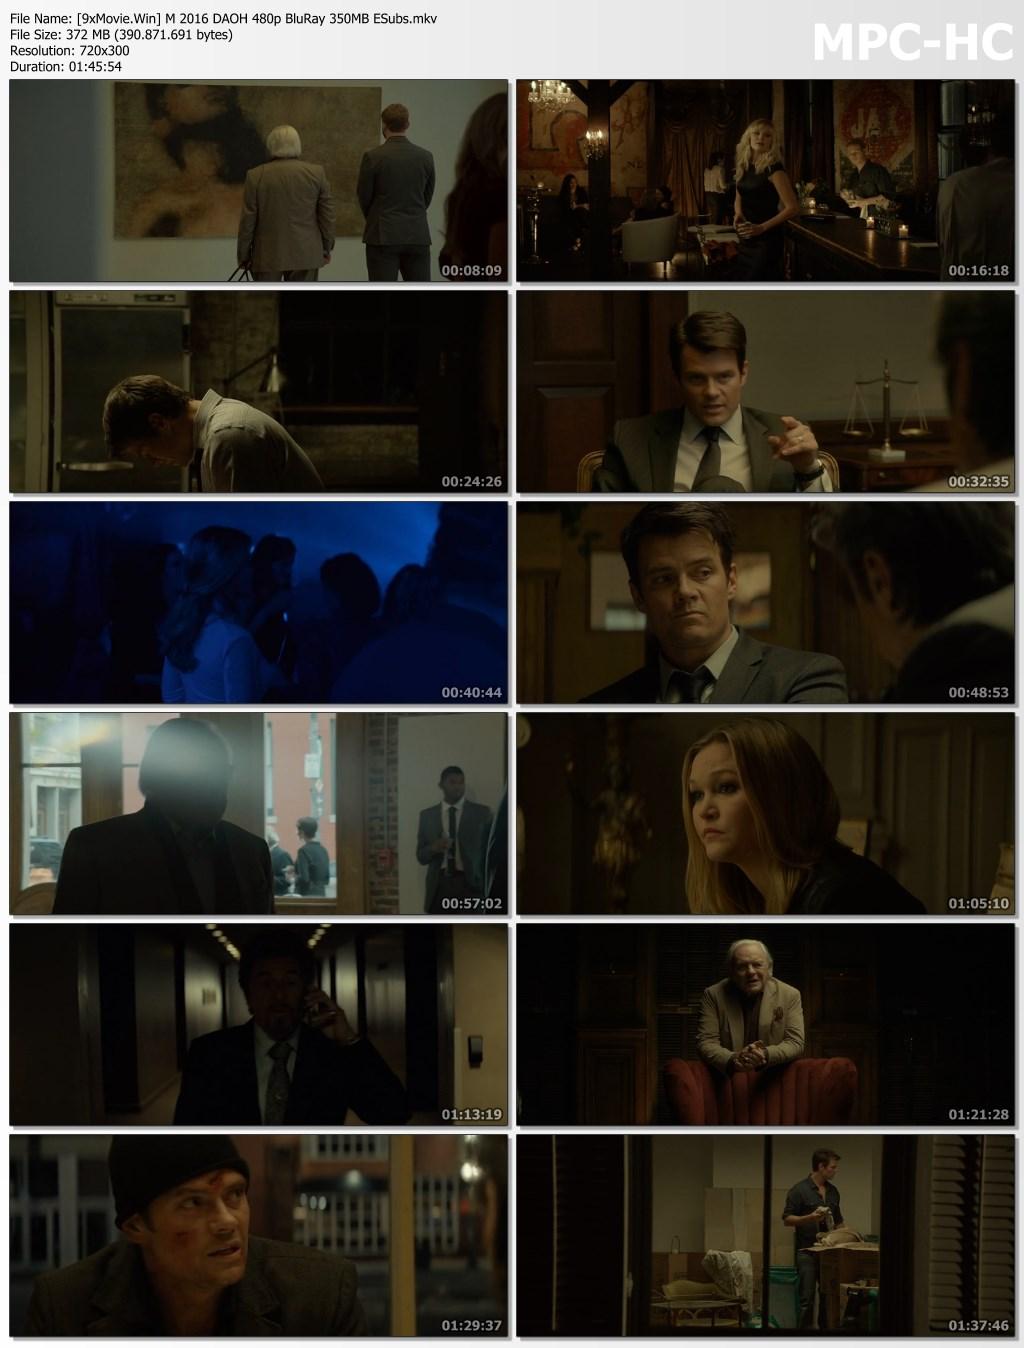 Misconduct 2016 Hollywood Movie Hindi ORG 480p BluRay x264 350MB ESubs